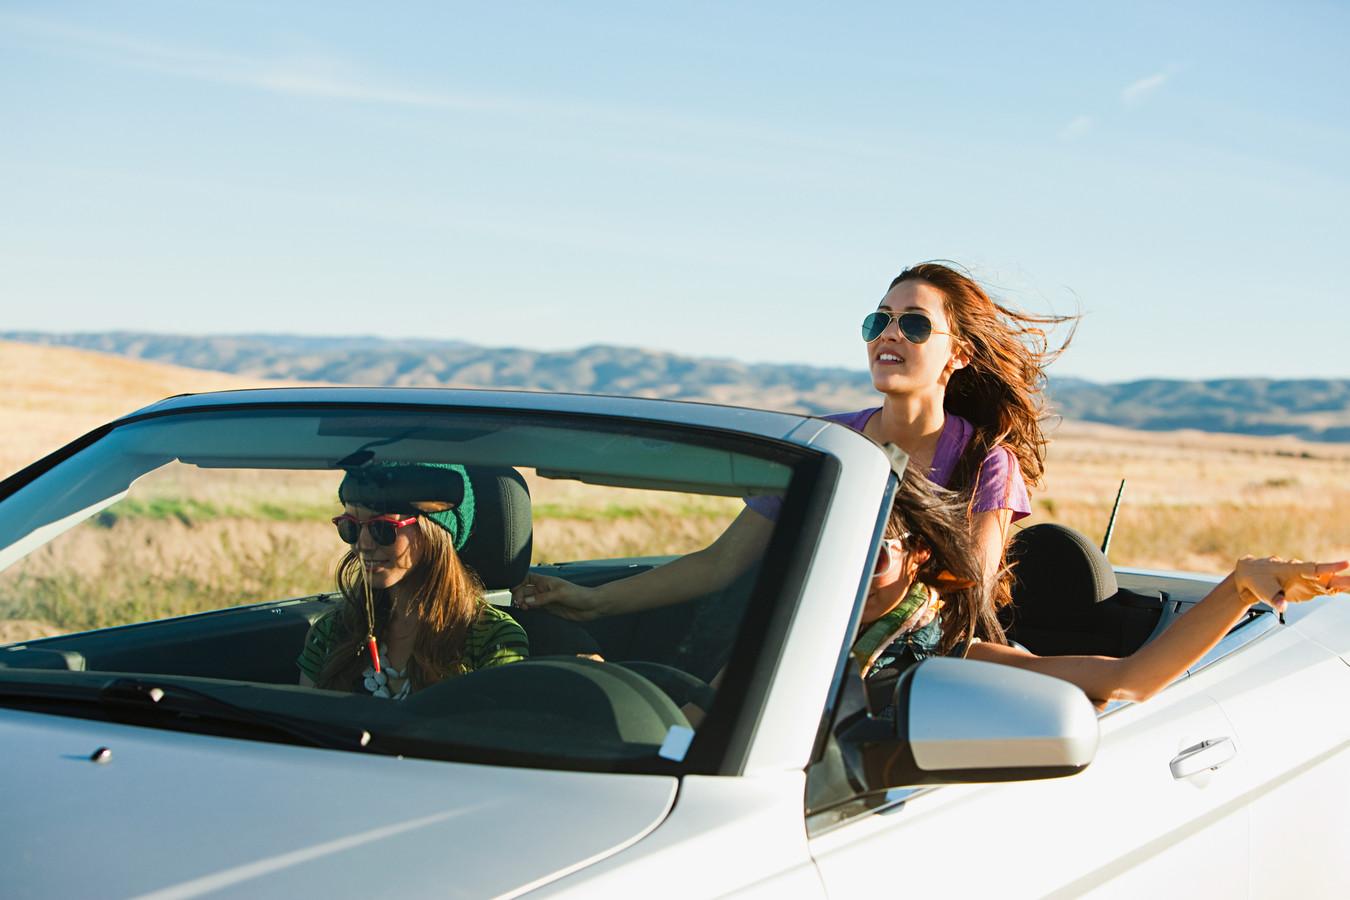 À Chypre, vous êtes tenu(e) de tenir le volant des deux mains lorsque vous conduisez. Il n'est donc pas permis de faire un signe de la main ni de boire à la bouteille. Si vos mains quittent le volant sans raison valable, vous pouvez vous attendre à une amende.